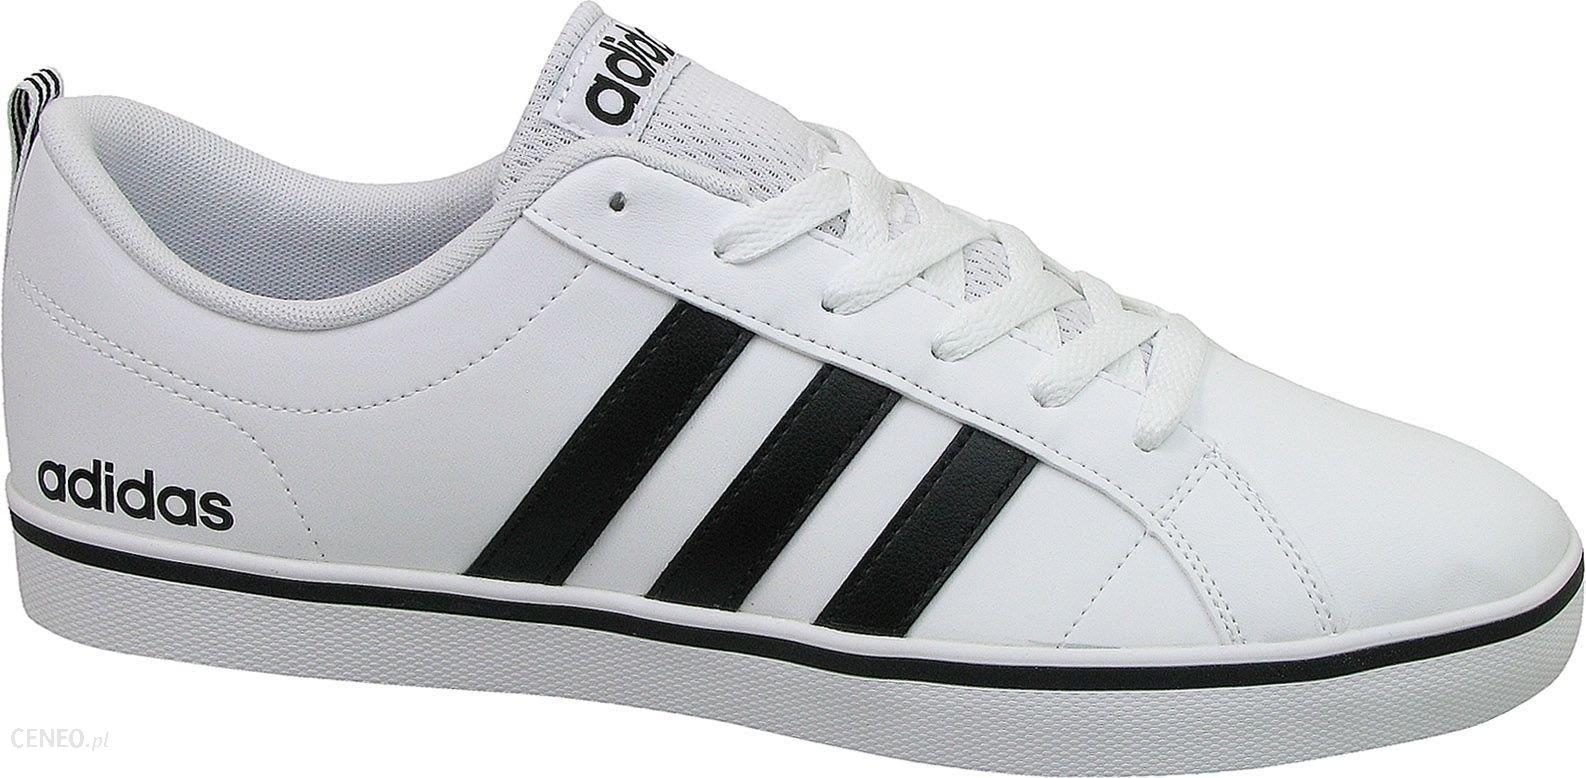 Buty męskie Adidas (44) Pace Vs AW4594 Ceny i opinie Ceneo.pl